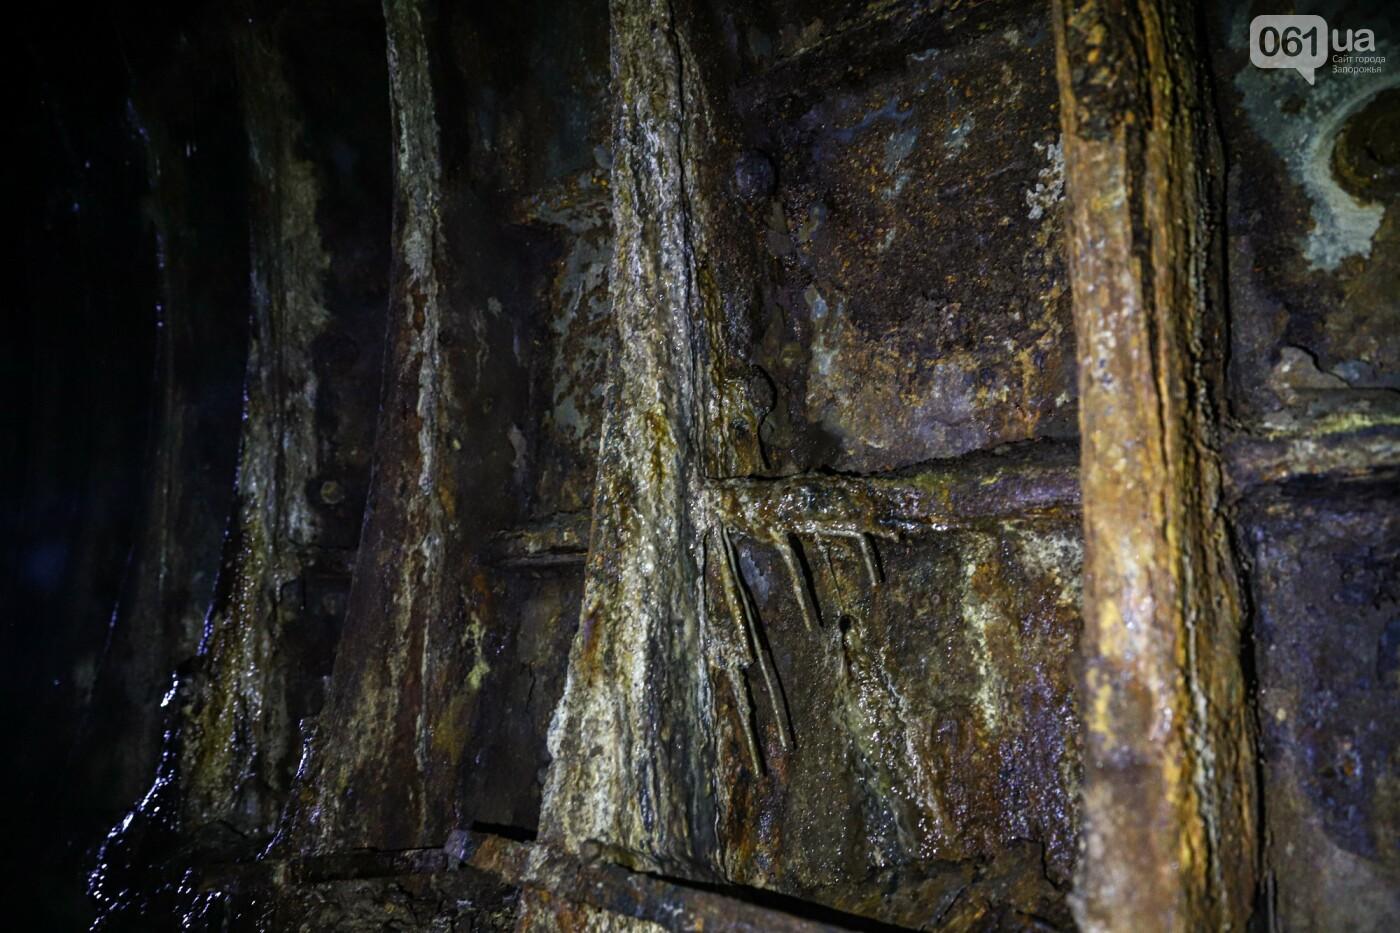 Монтаж первого пролета вантового моста, транспортный локдаун и репортаж из заброшенной шахты: апрель в фотографиях, фото-86